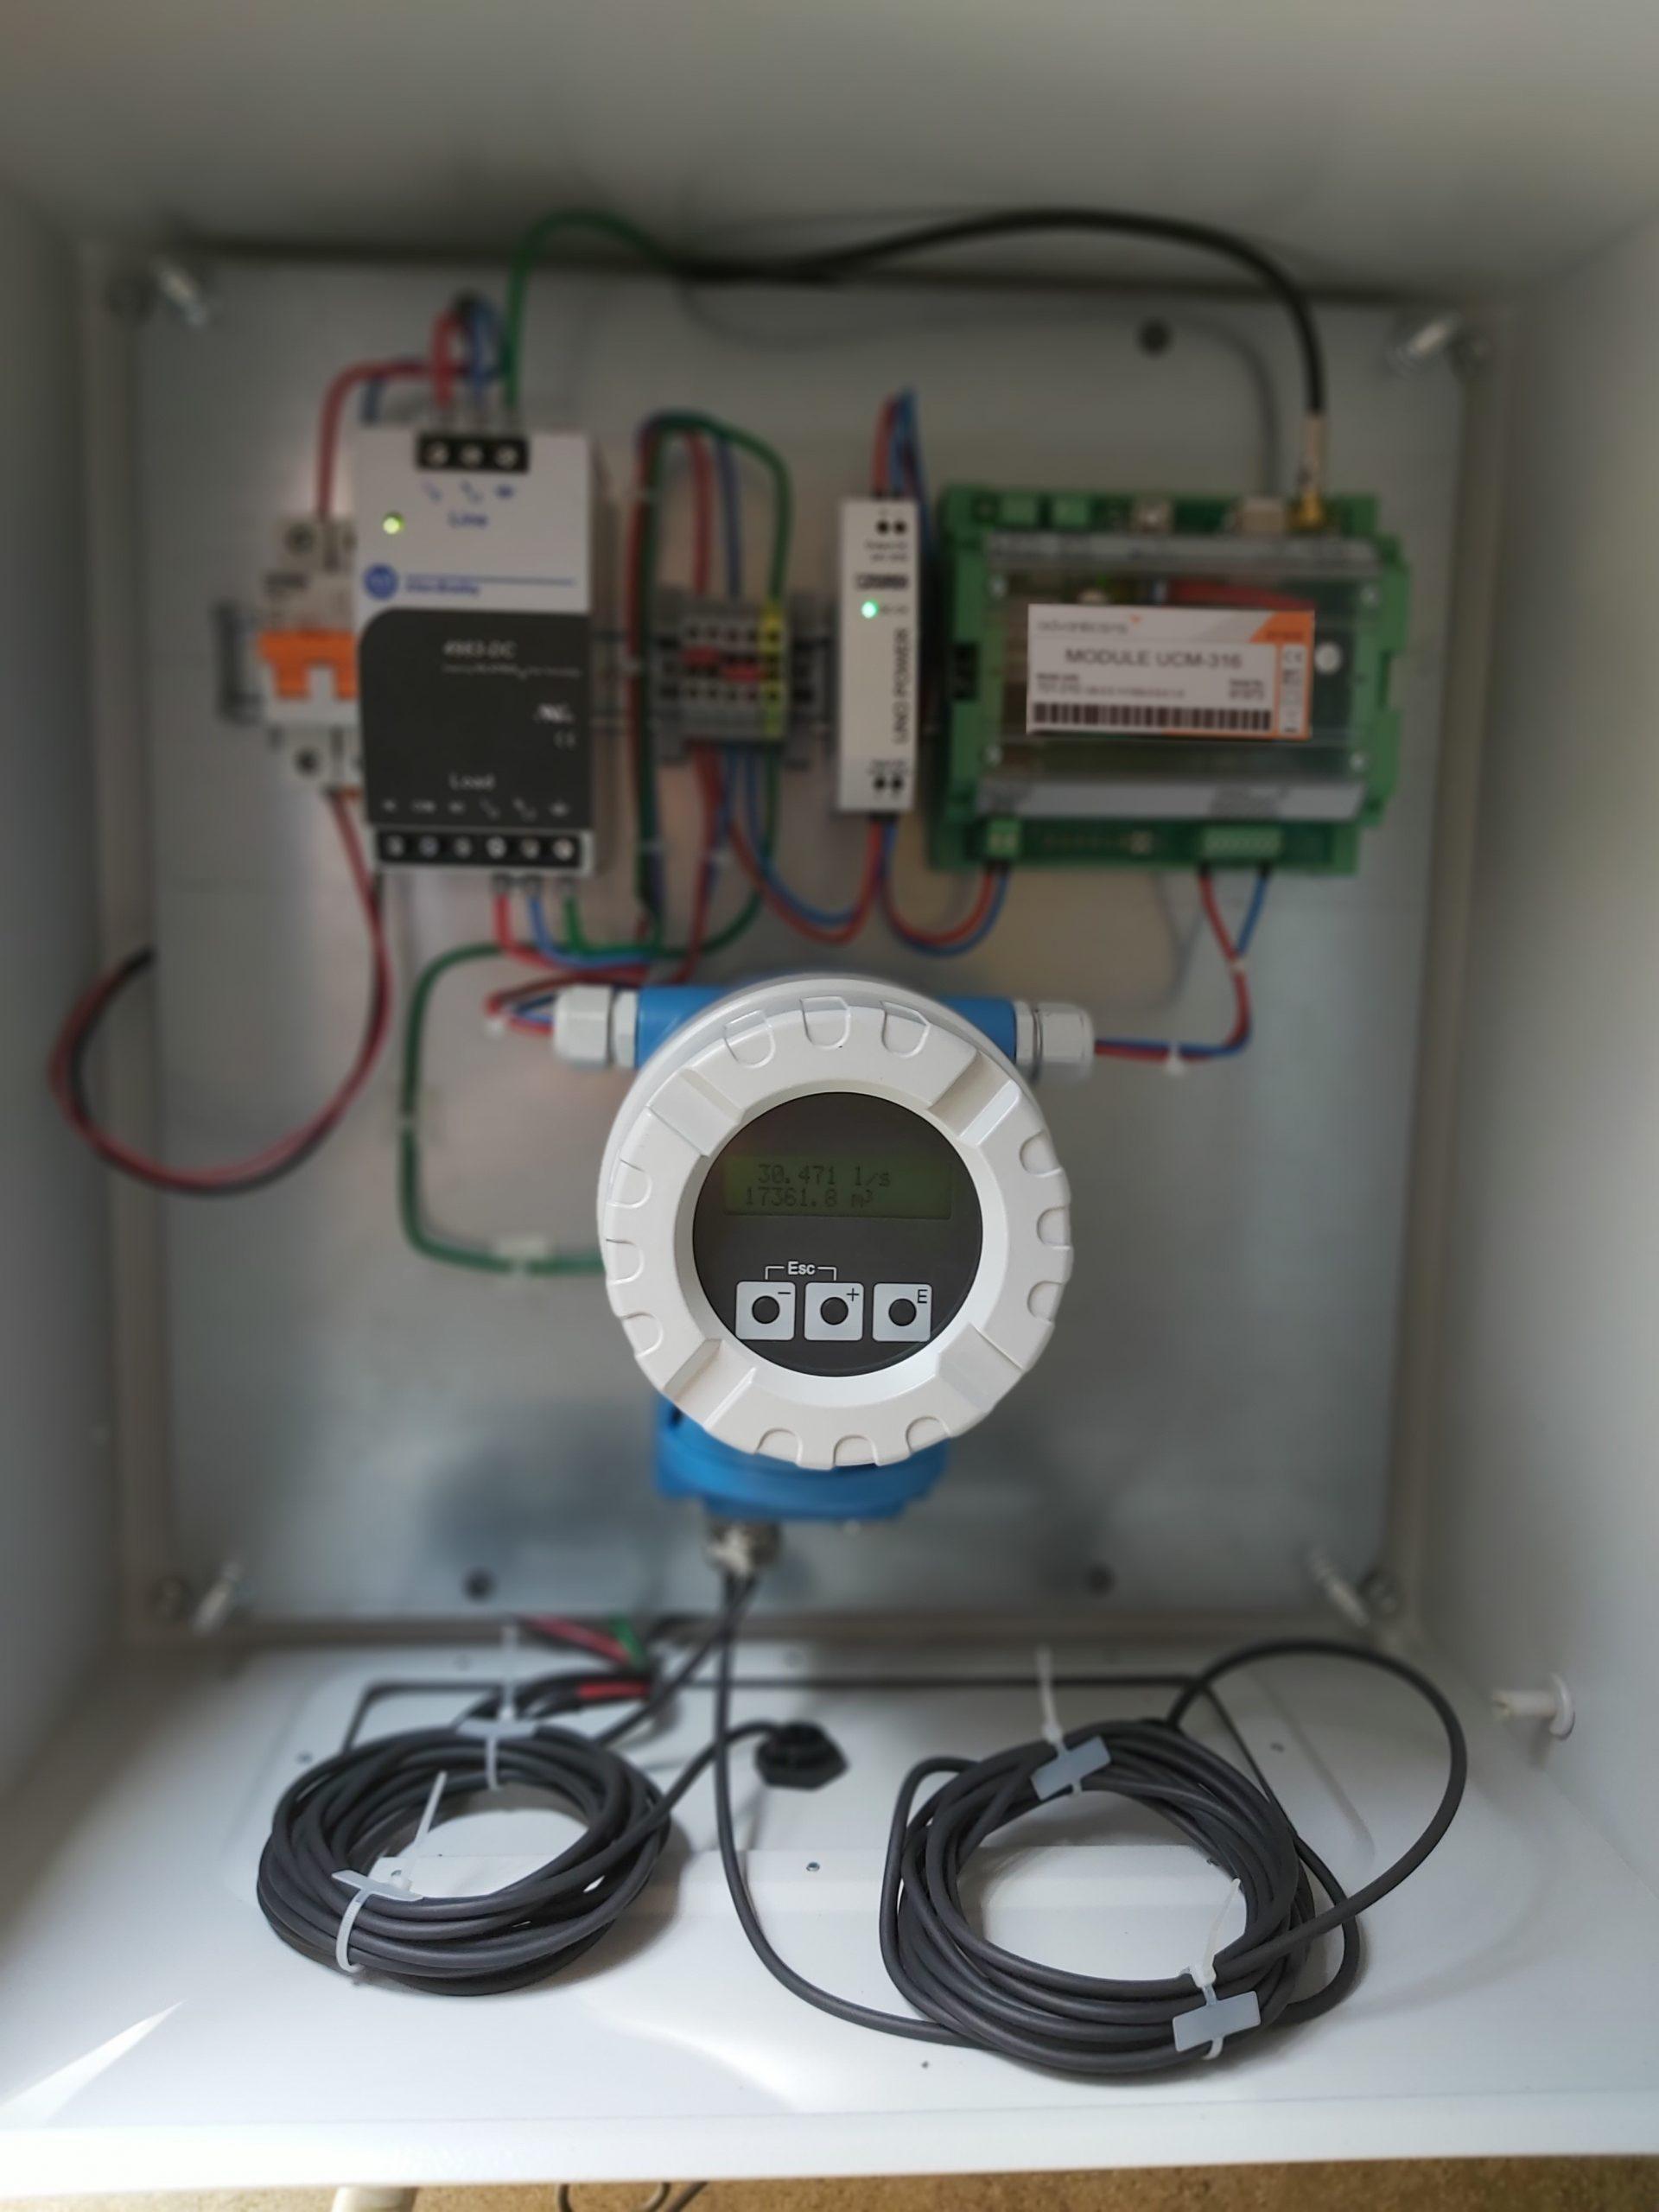 https://www.advanticsys.com/wp-content/uploads/2020/11/Guatemala_Water-tank-monitoring-3-scaled.jpg